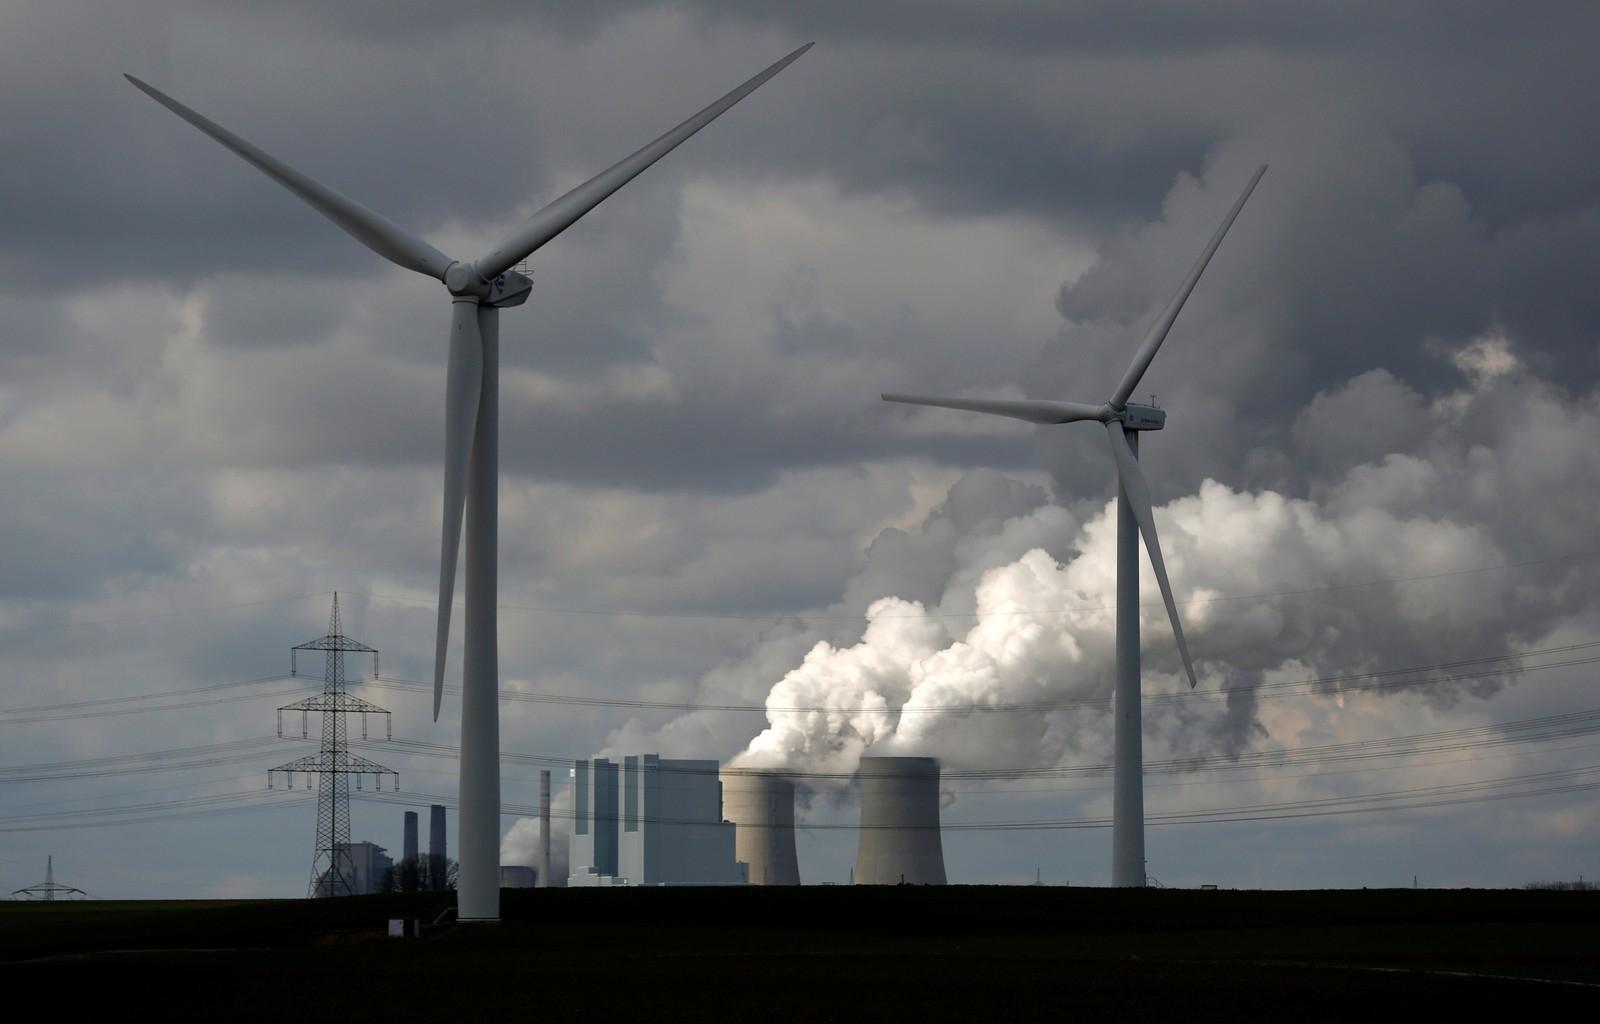 A renda gerada por esse aumento de preço será usada para financiar uma redução na taxa de apoio para energias renováveis